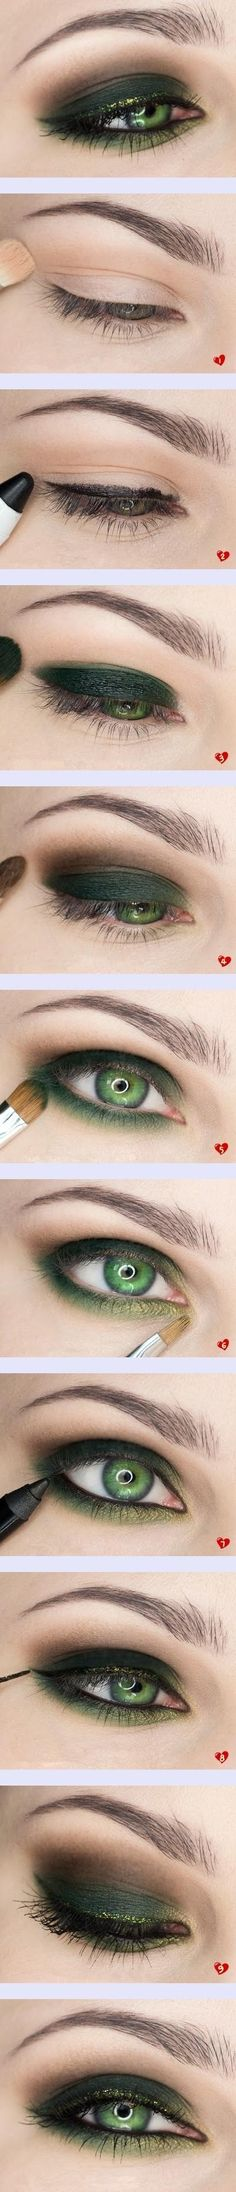 Amazing green #smoky eye